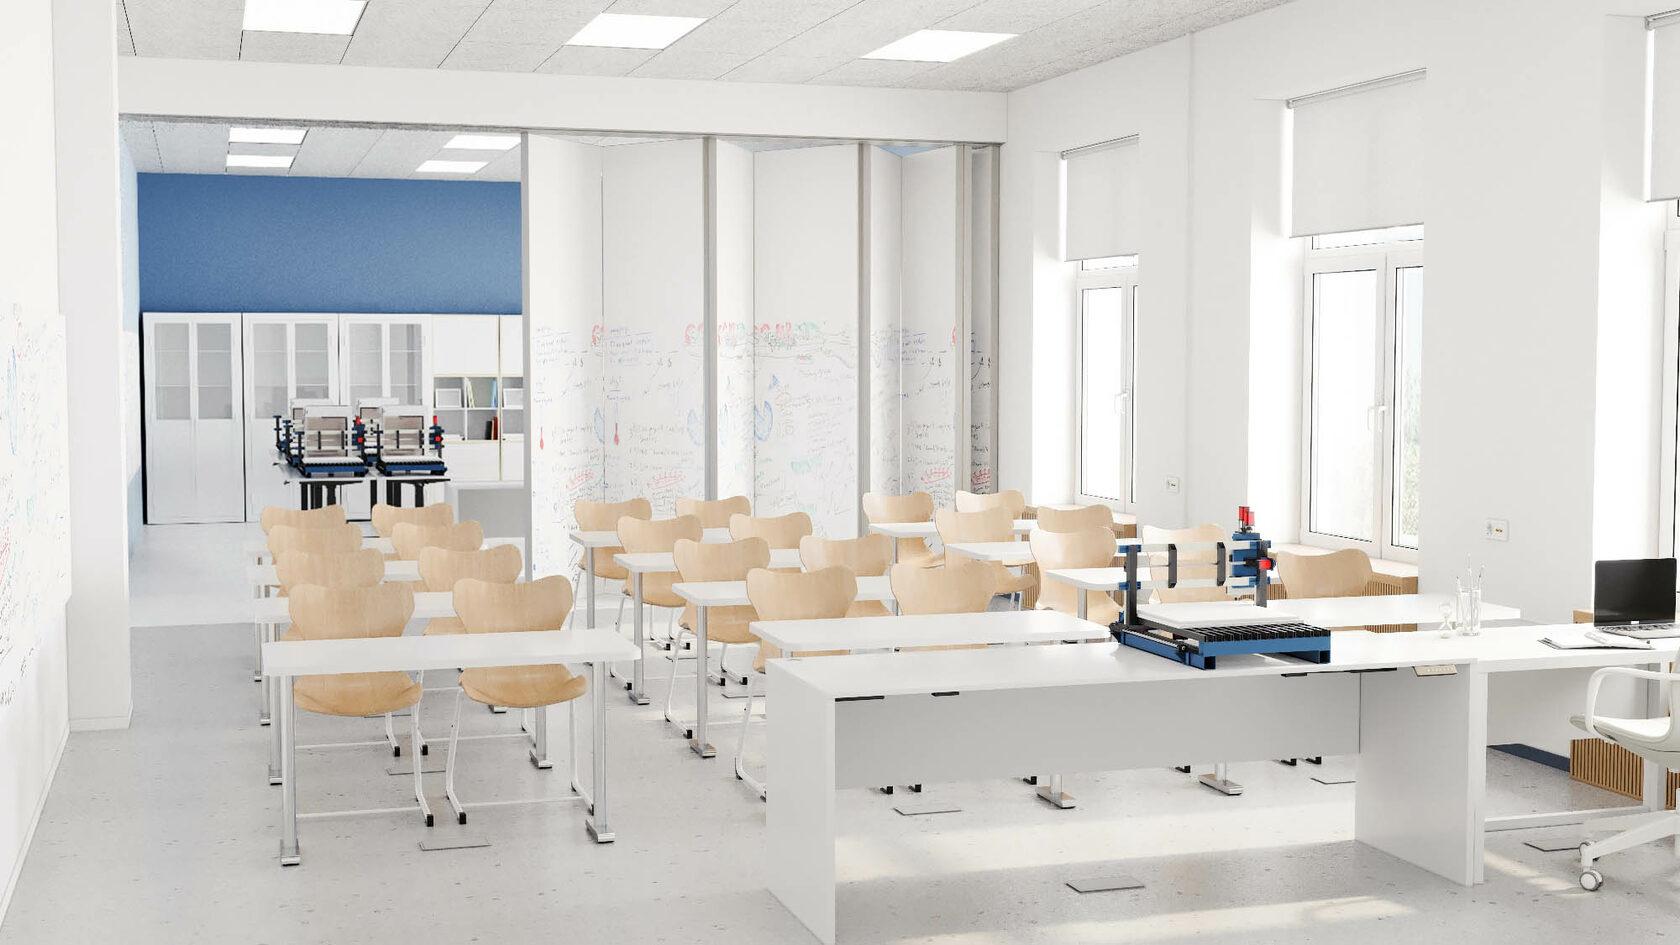 инженерный класс в московской школе презентация